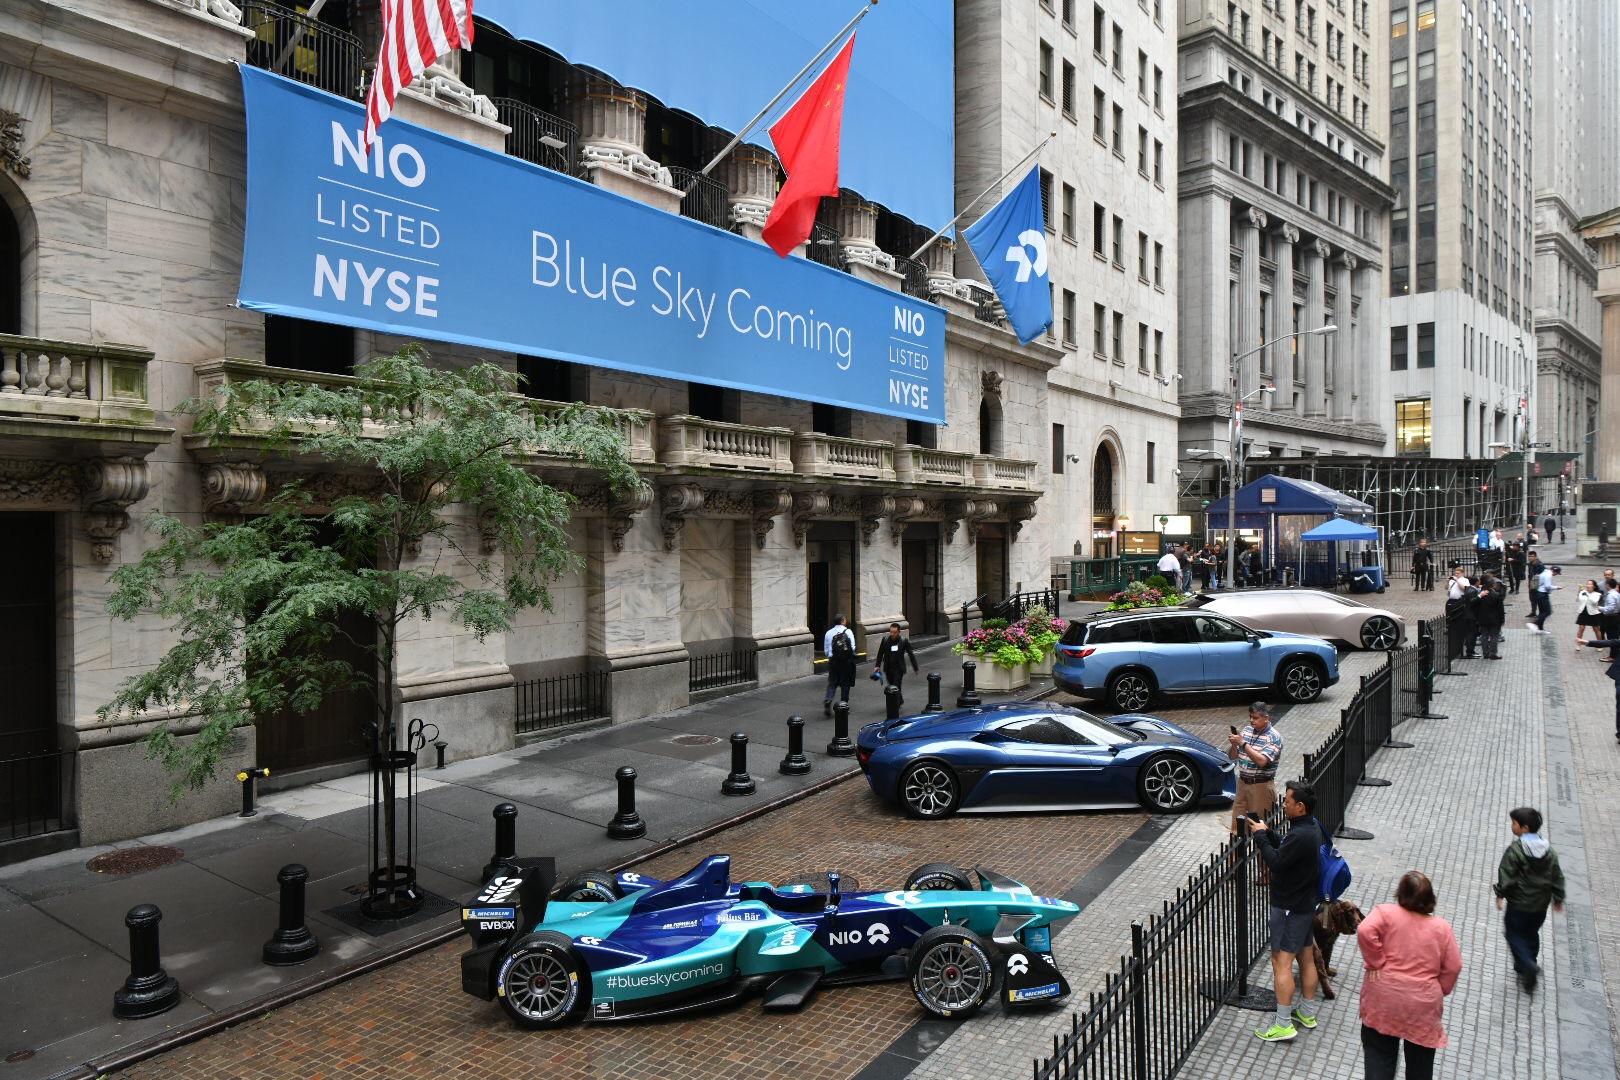 联想创投又一被投企业上市:蔚来汽车成功赴美IPO